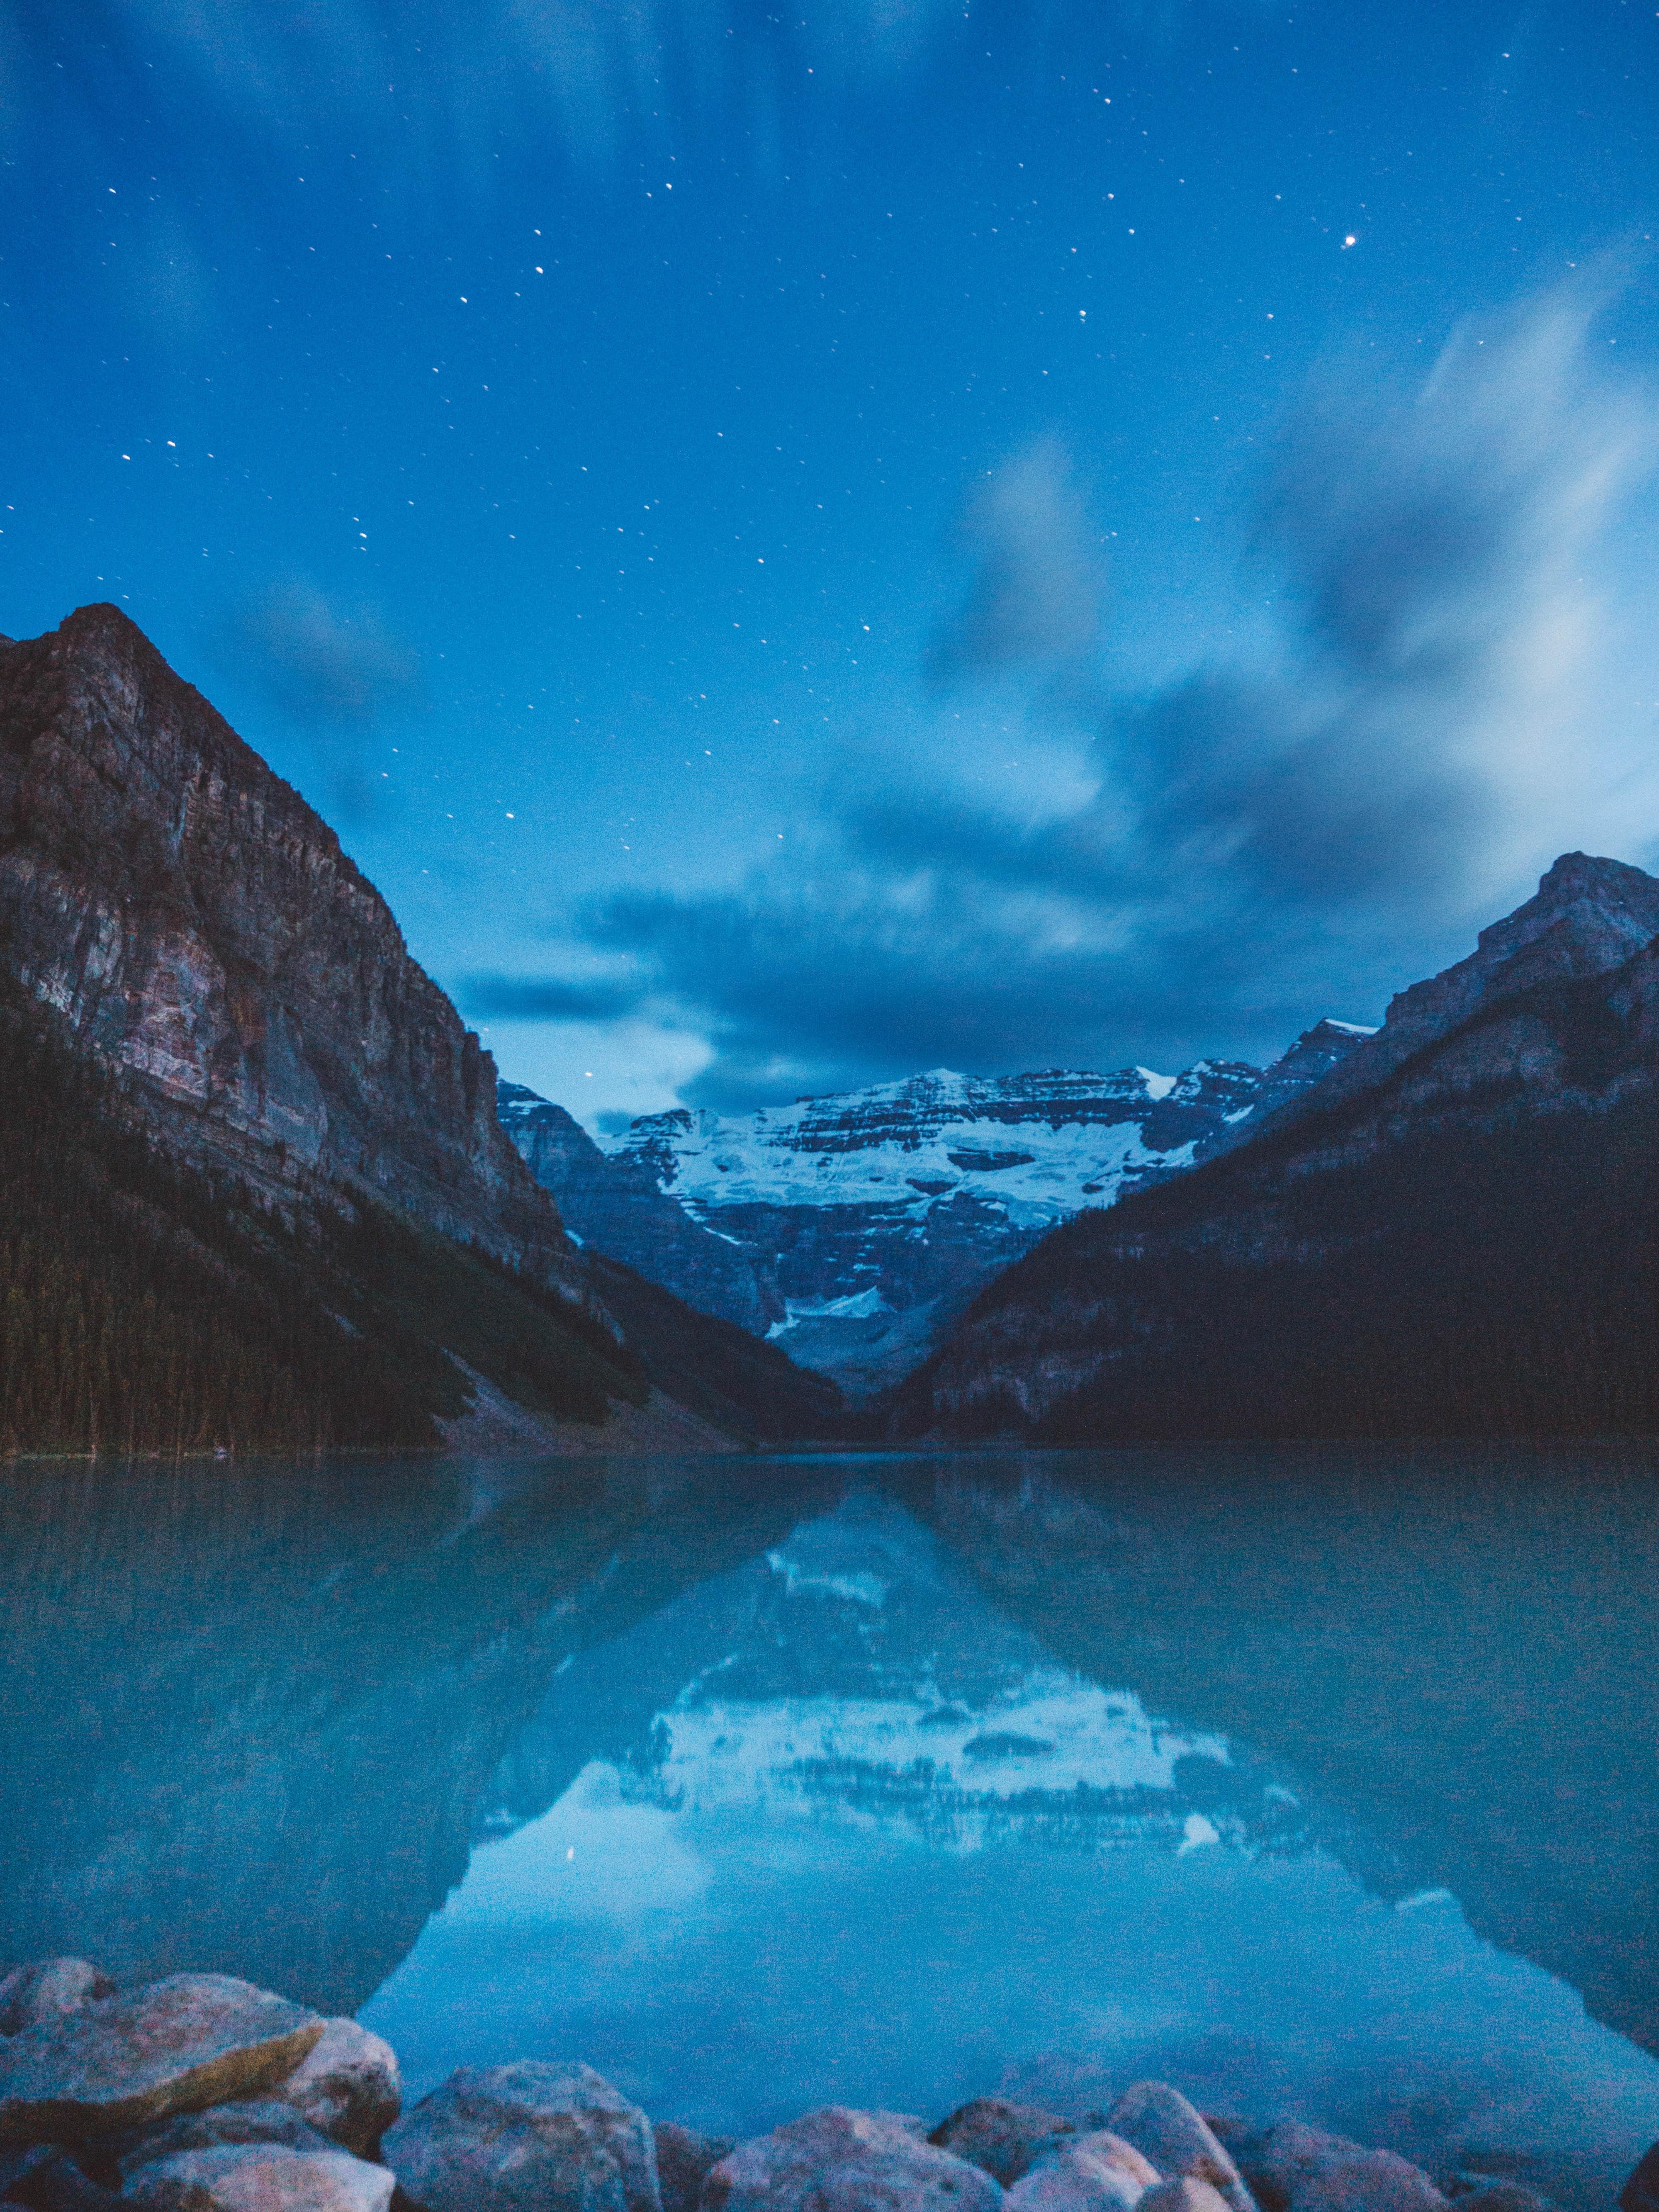 80633 descargar fondo de pantalla Paisaje, Naturaleza, Montañas, Noche, Lago, Oscuro: protectores de pantalla e imágenes gratis